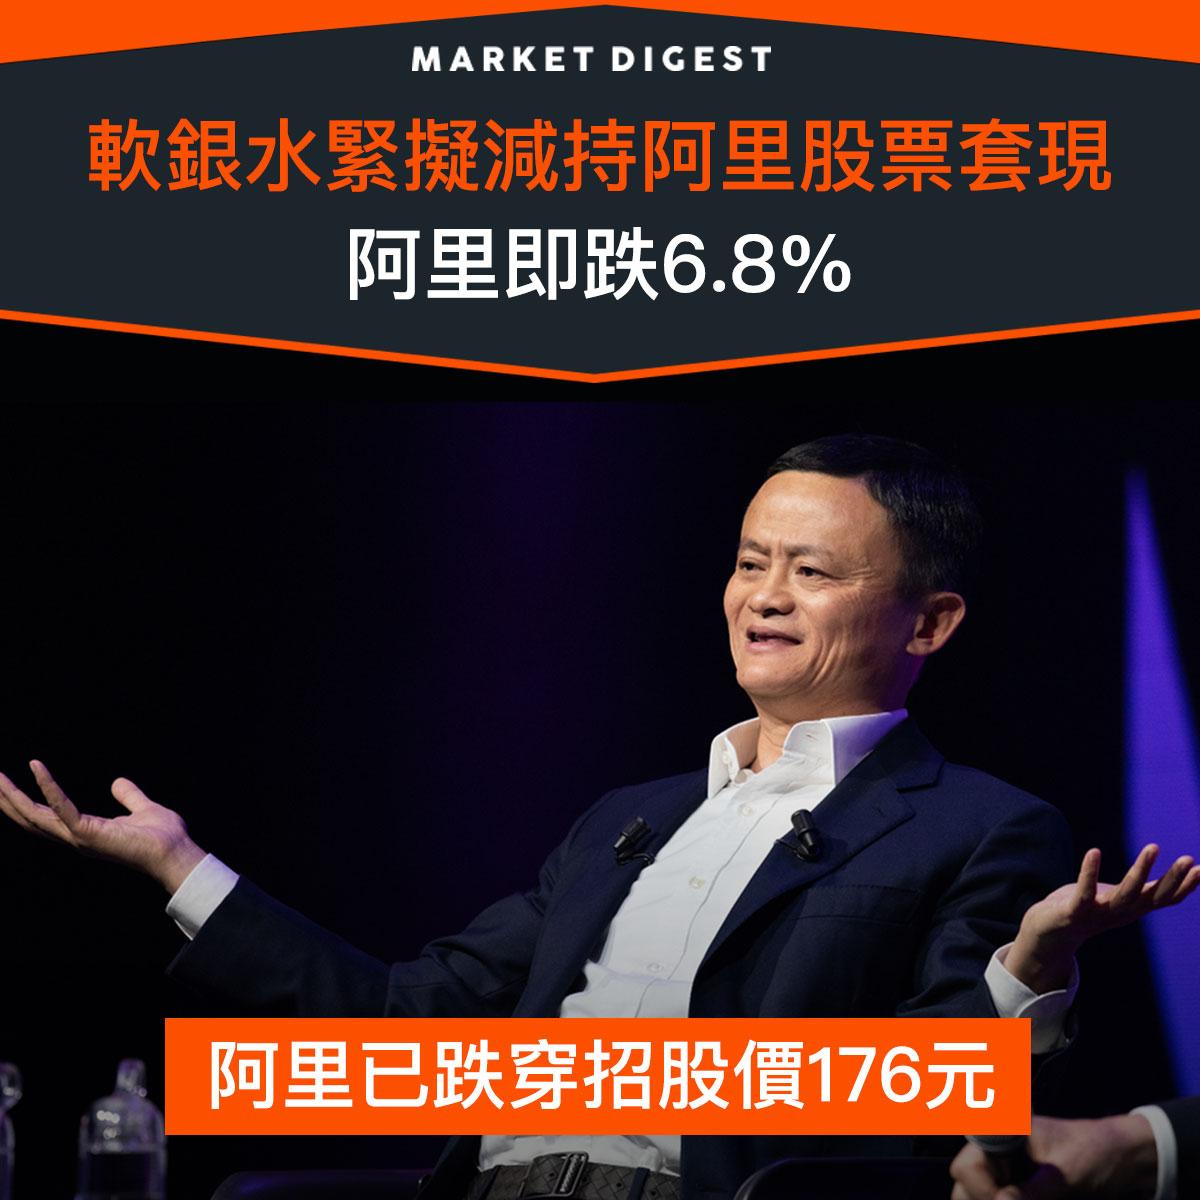 【市場熱話】軟銀水緊擬減持阿里股票套現,阿里巴巴即跌6.5%